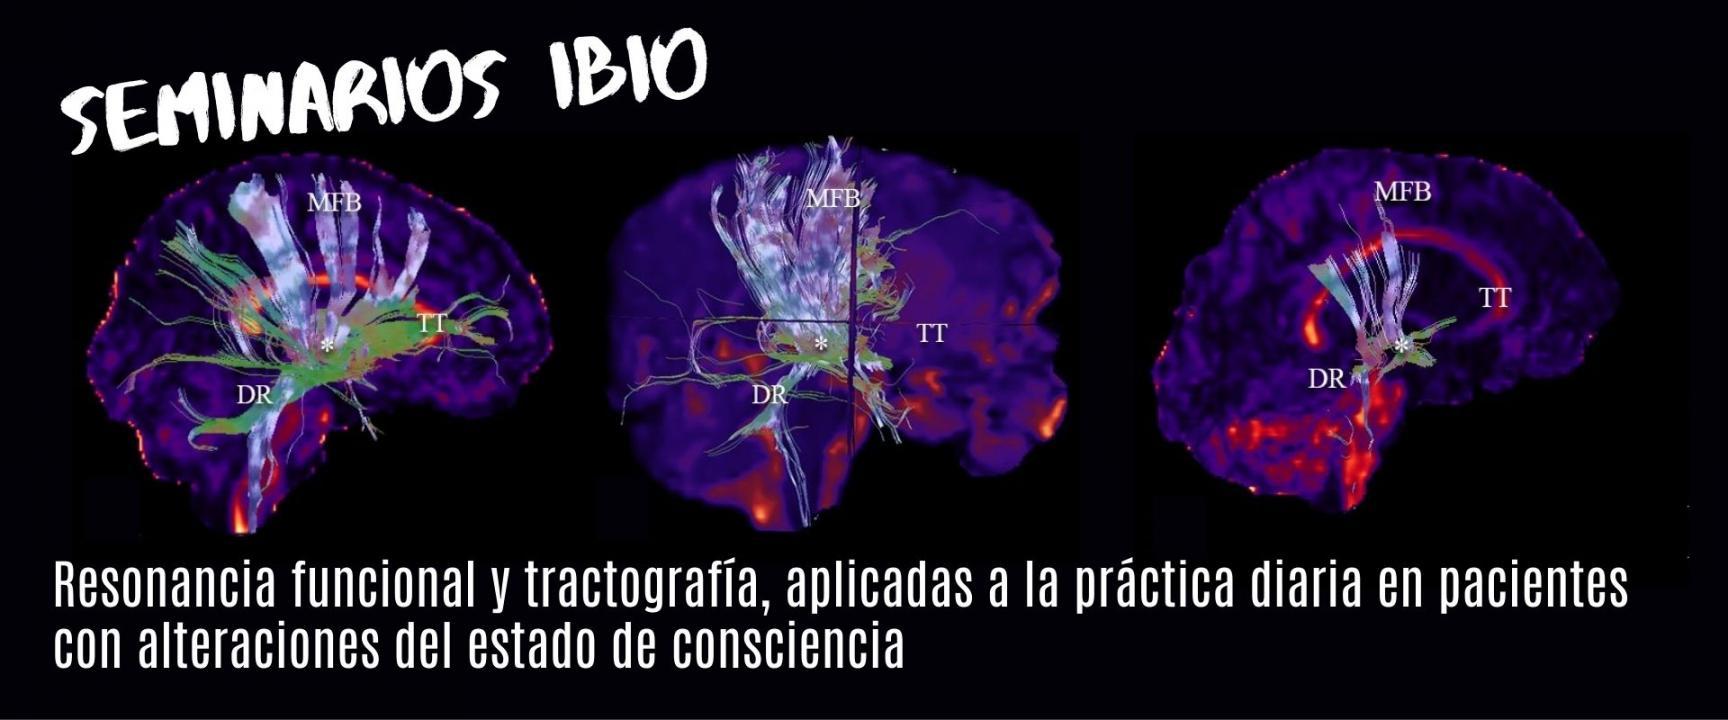 resonancia-funcional-y-tractografia-en-pacientes-con-alteraciones-de-consciencia